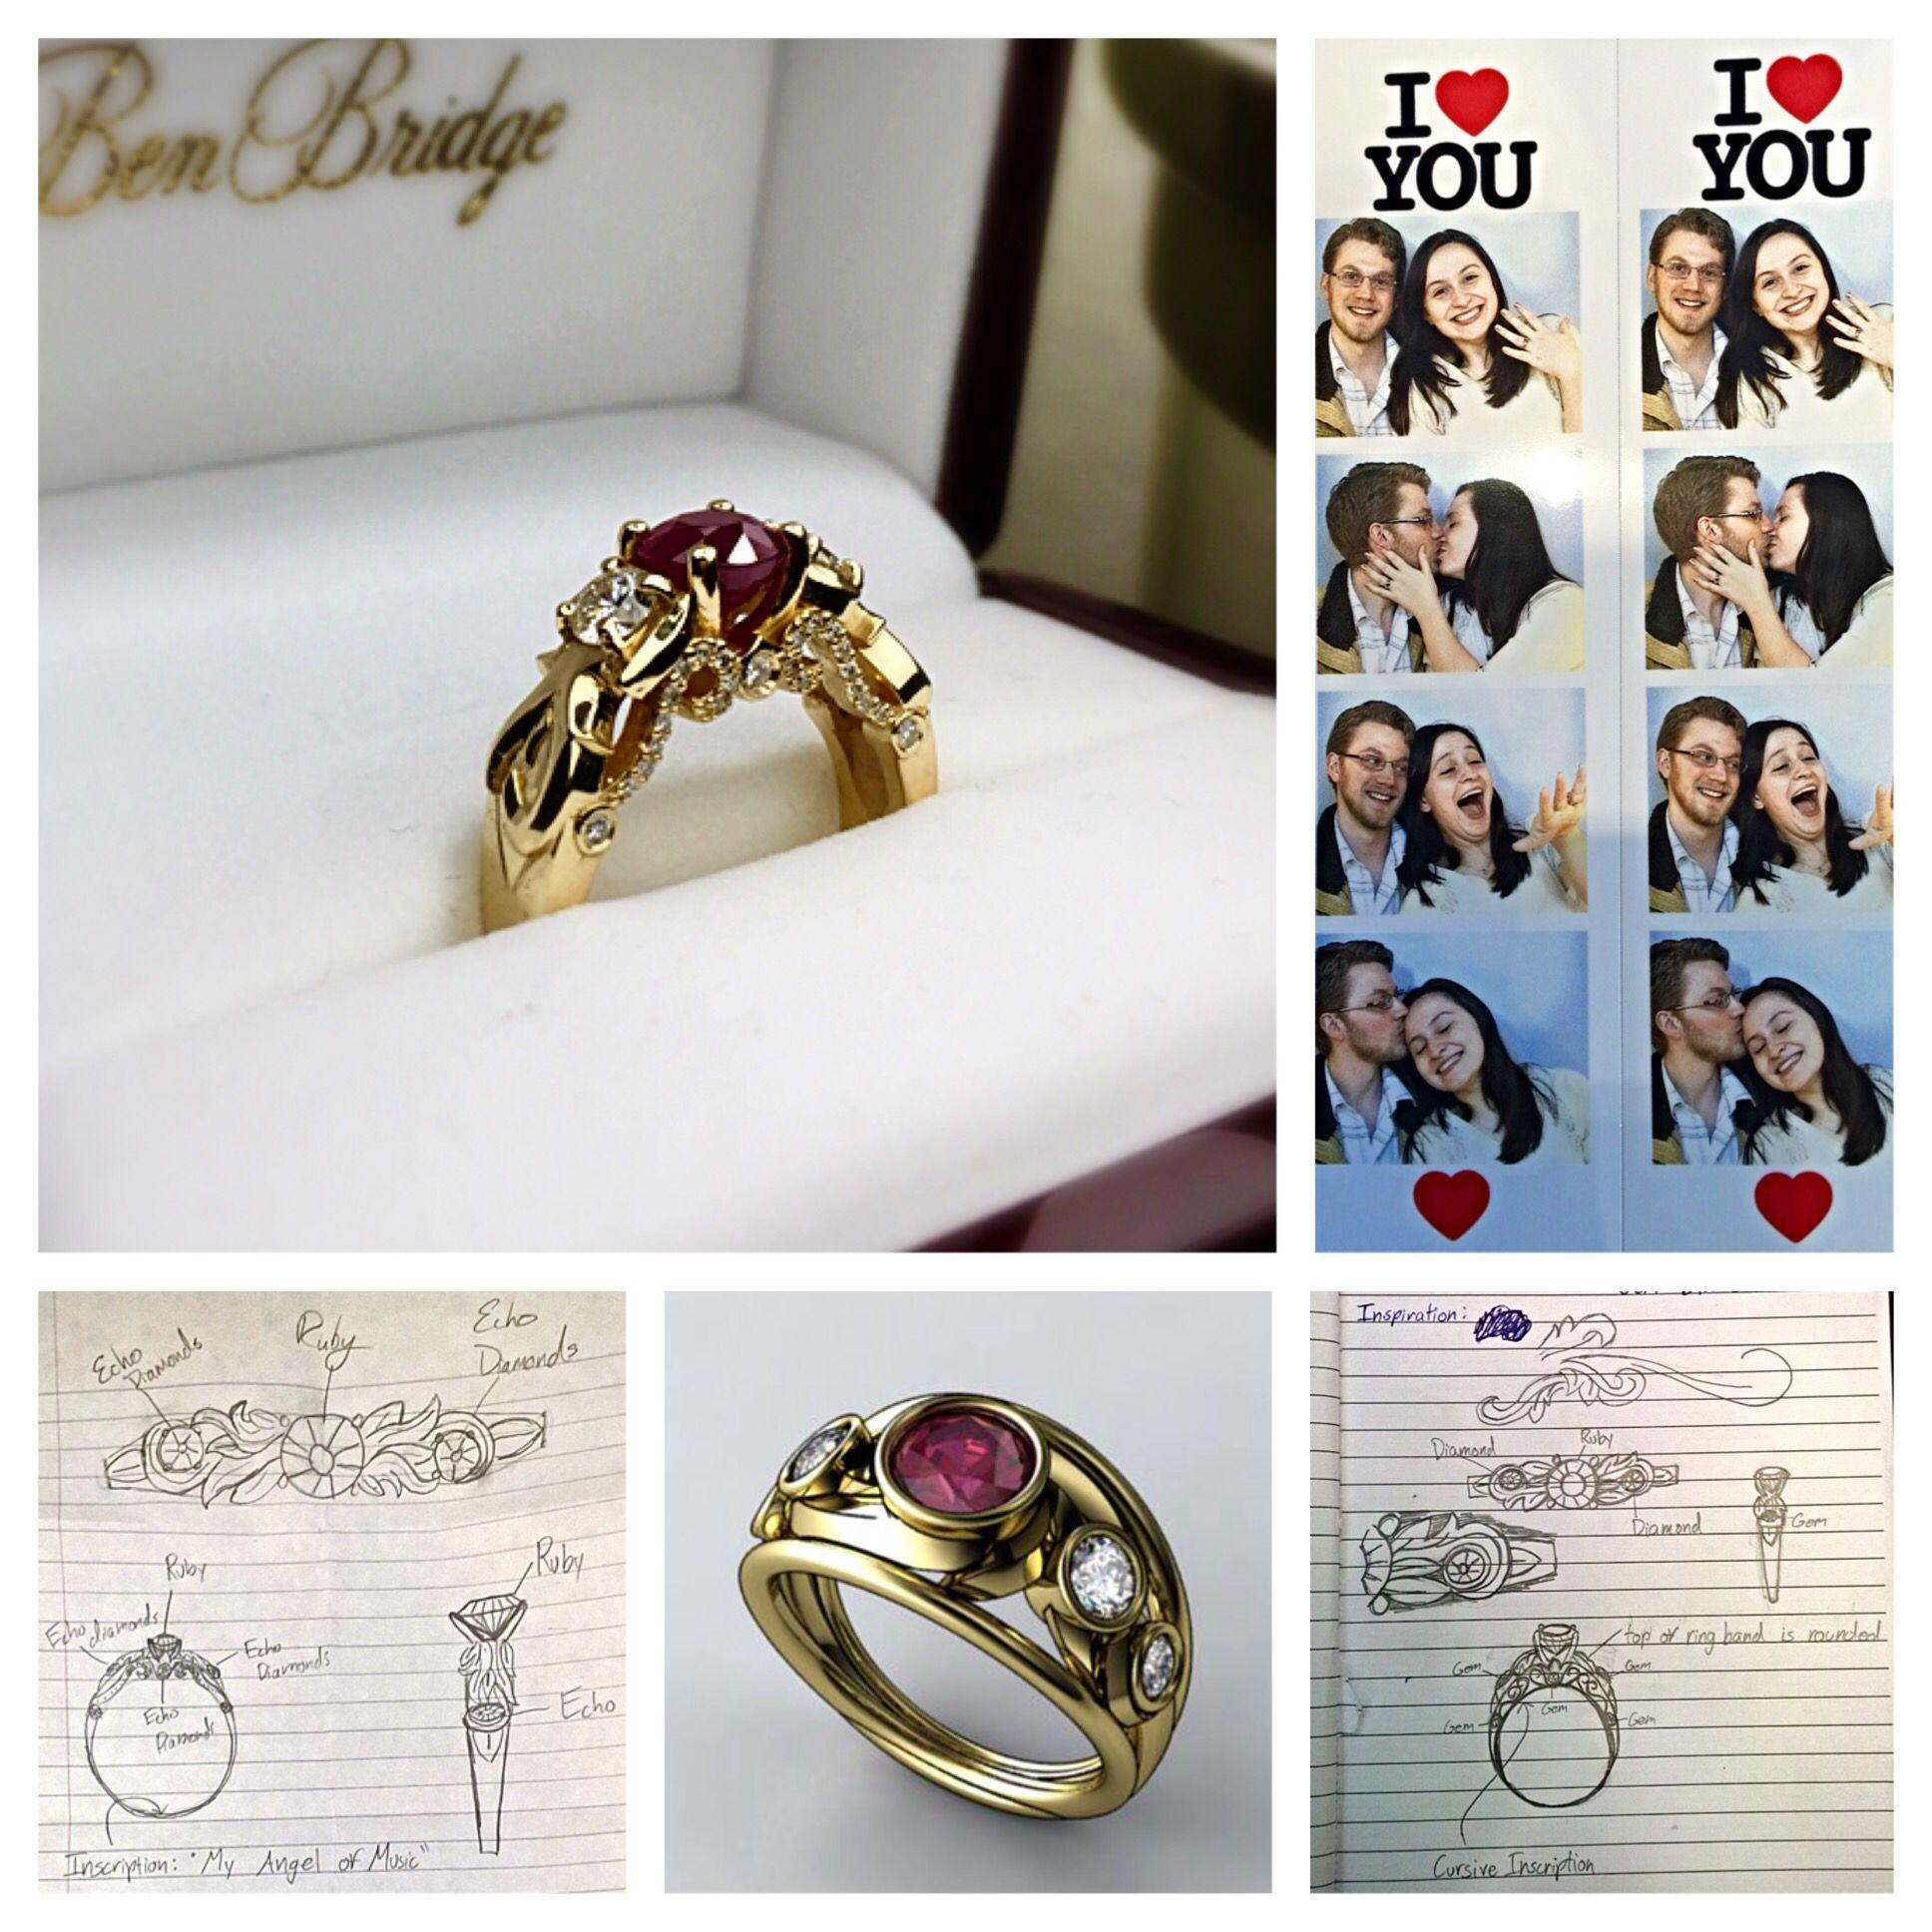 Love Never Dies/phantom of the opera inspired custom engagement ring ...